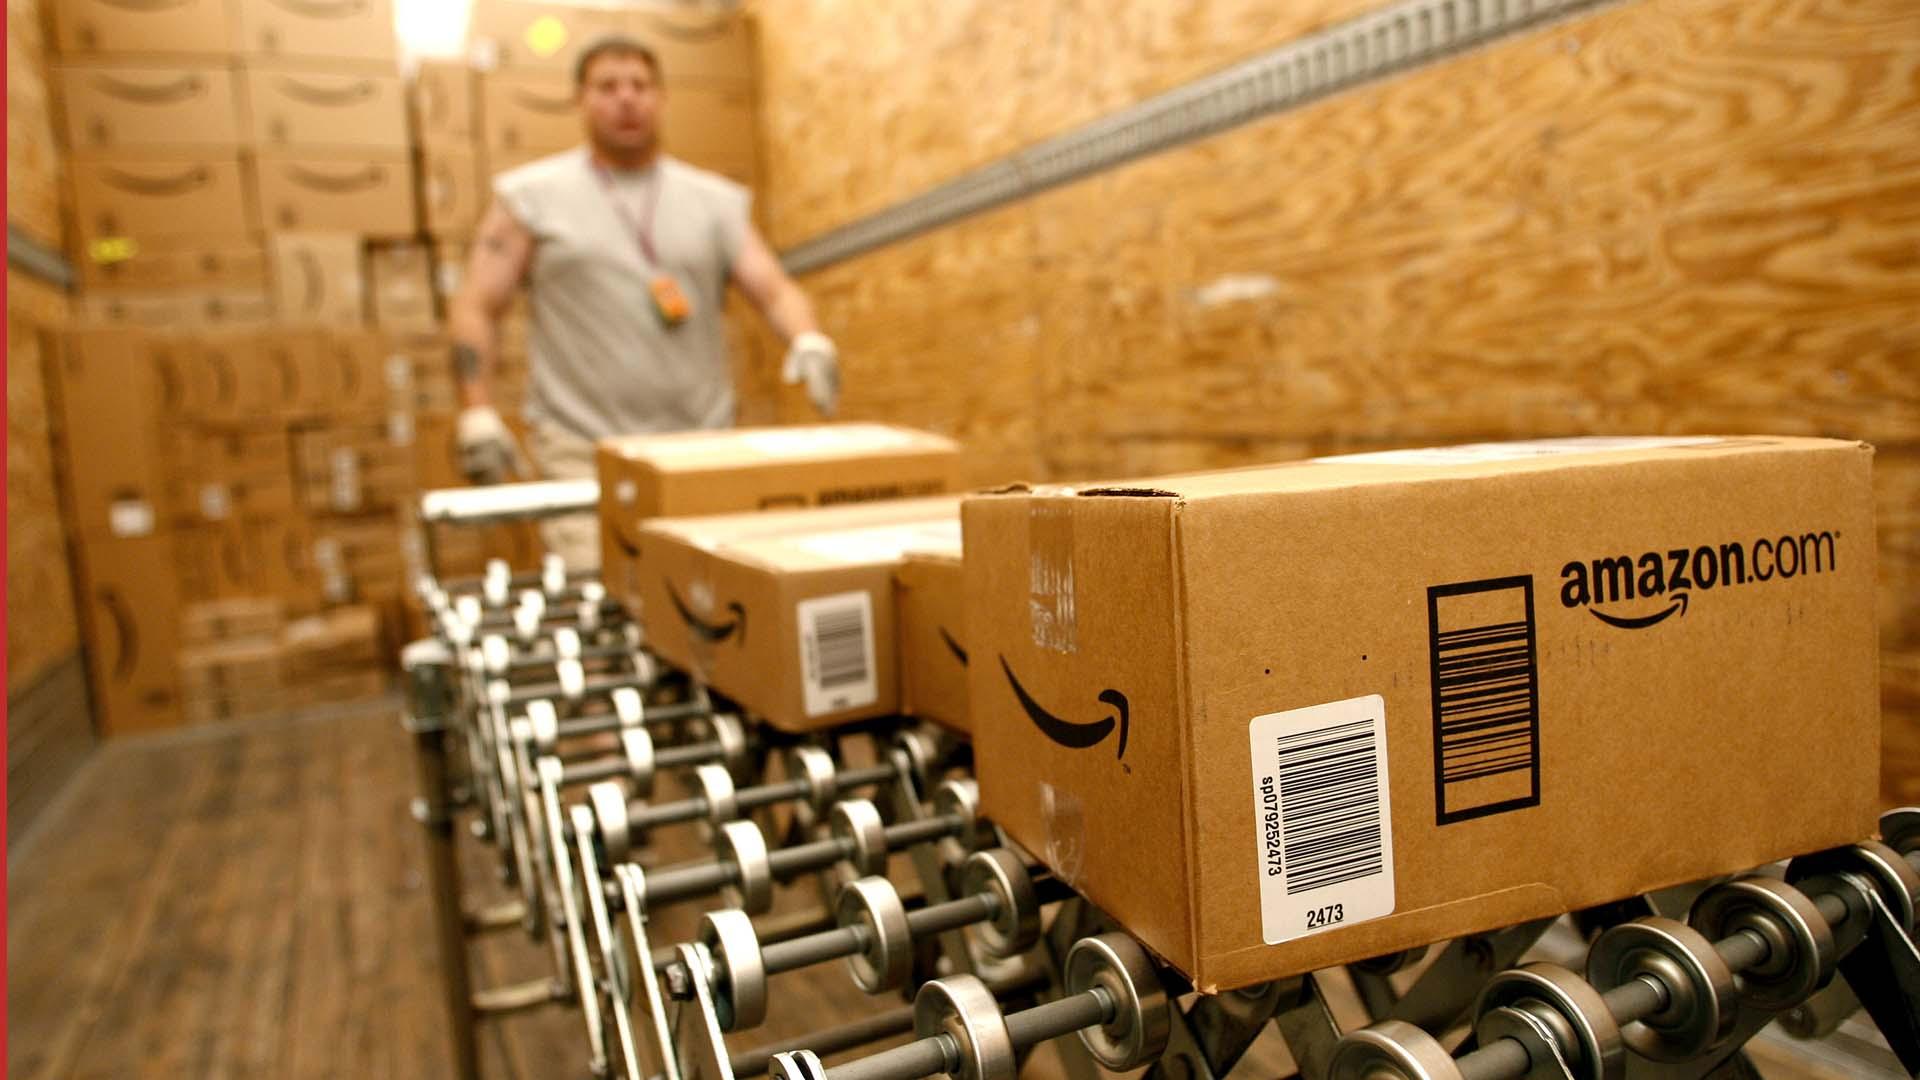 La firma rompió récord de ventas por tercer trimestre consecutivo, incrementando su facturación en un 31%